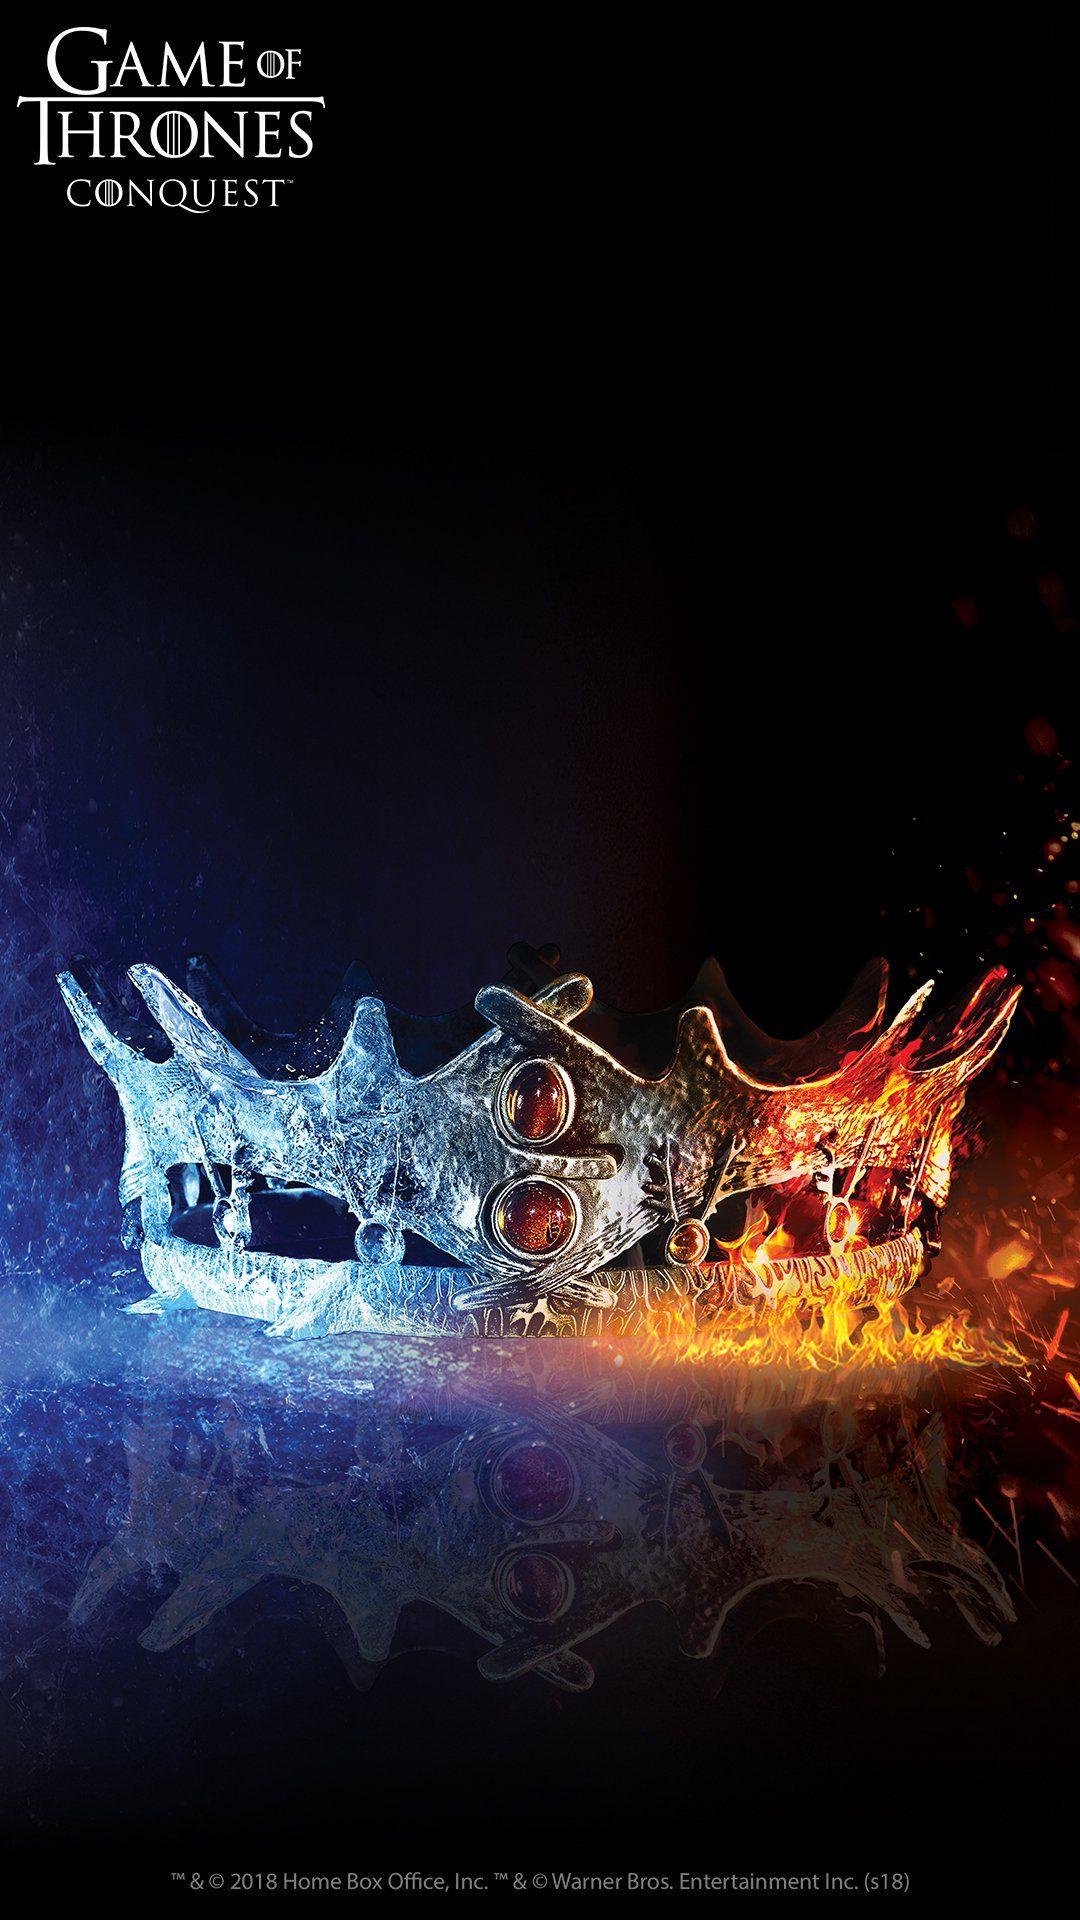 Tweets con contenido multimedia de Game of Thrones: Conquest